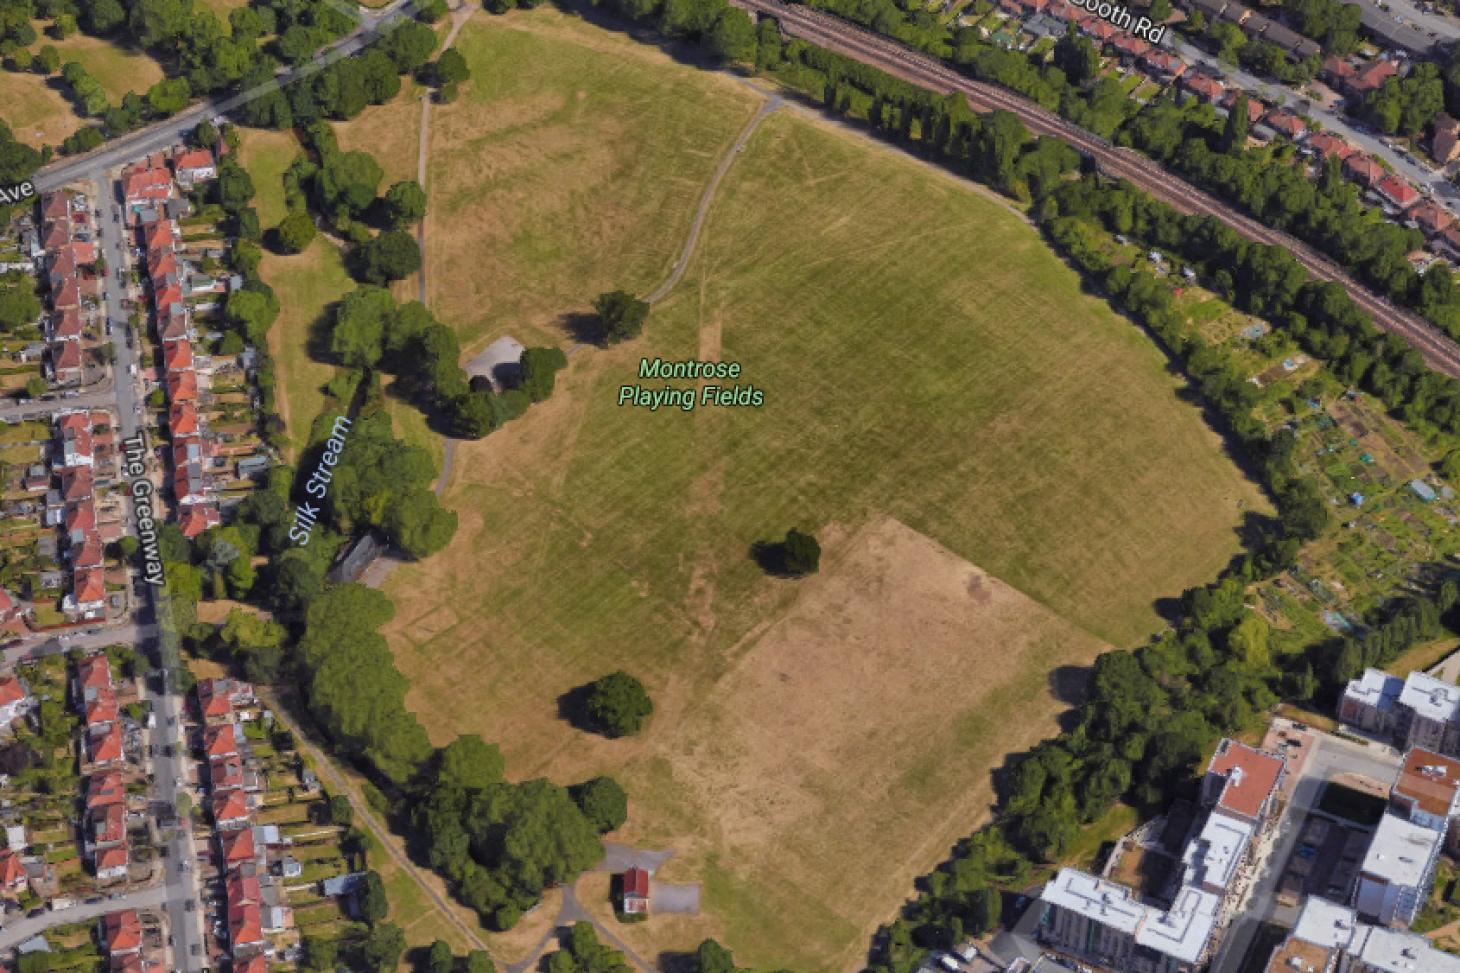 Montrose Park 11 a side | Grass football pitch